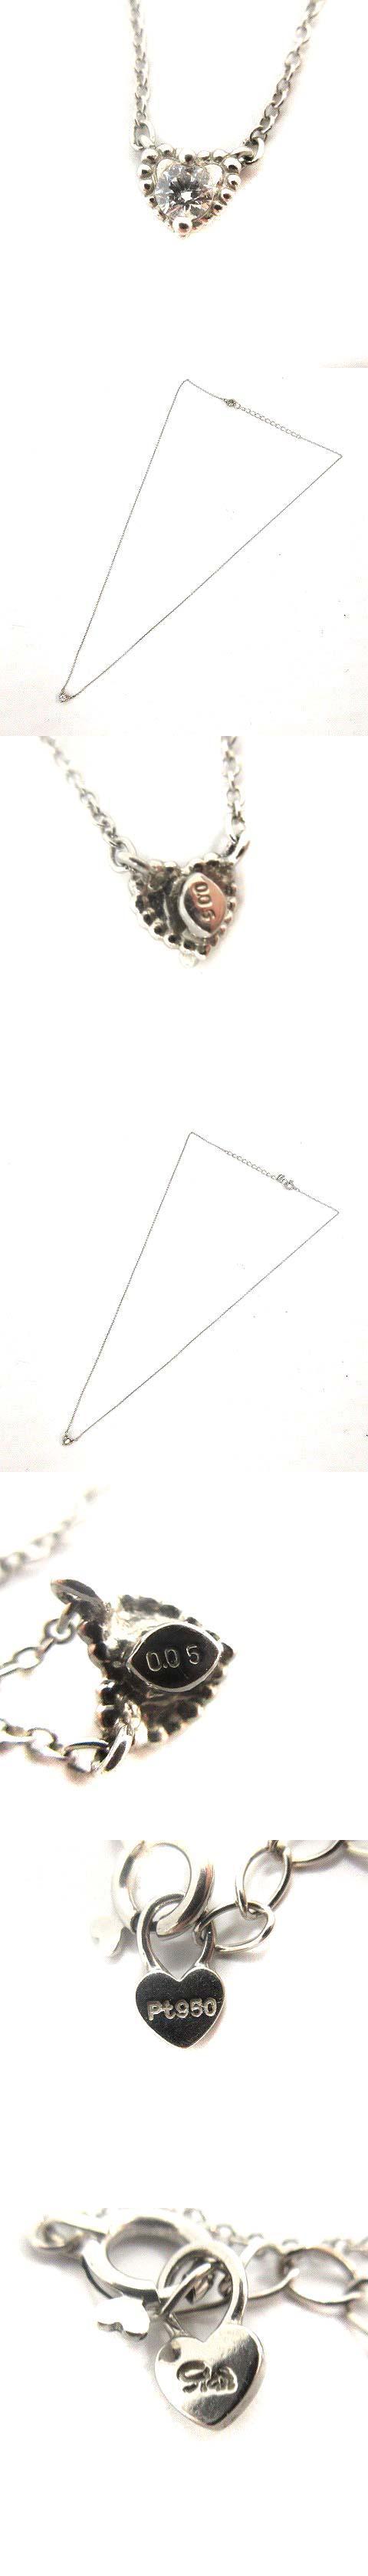 ネックレス ペンダント Pt950 ダイヤモンド 0.05ct ハート プラチナ /YI7